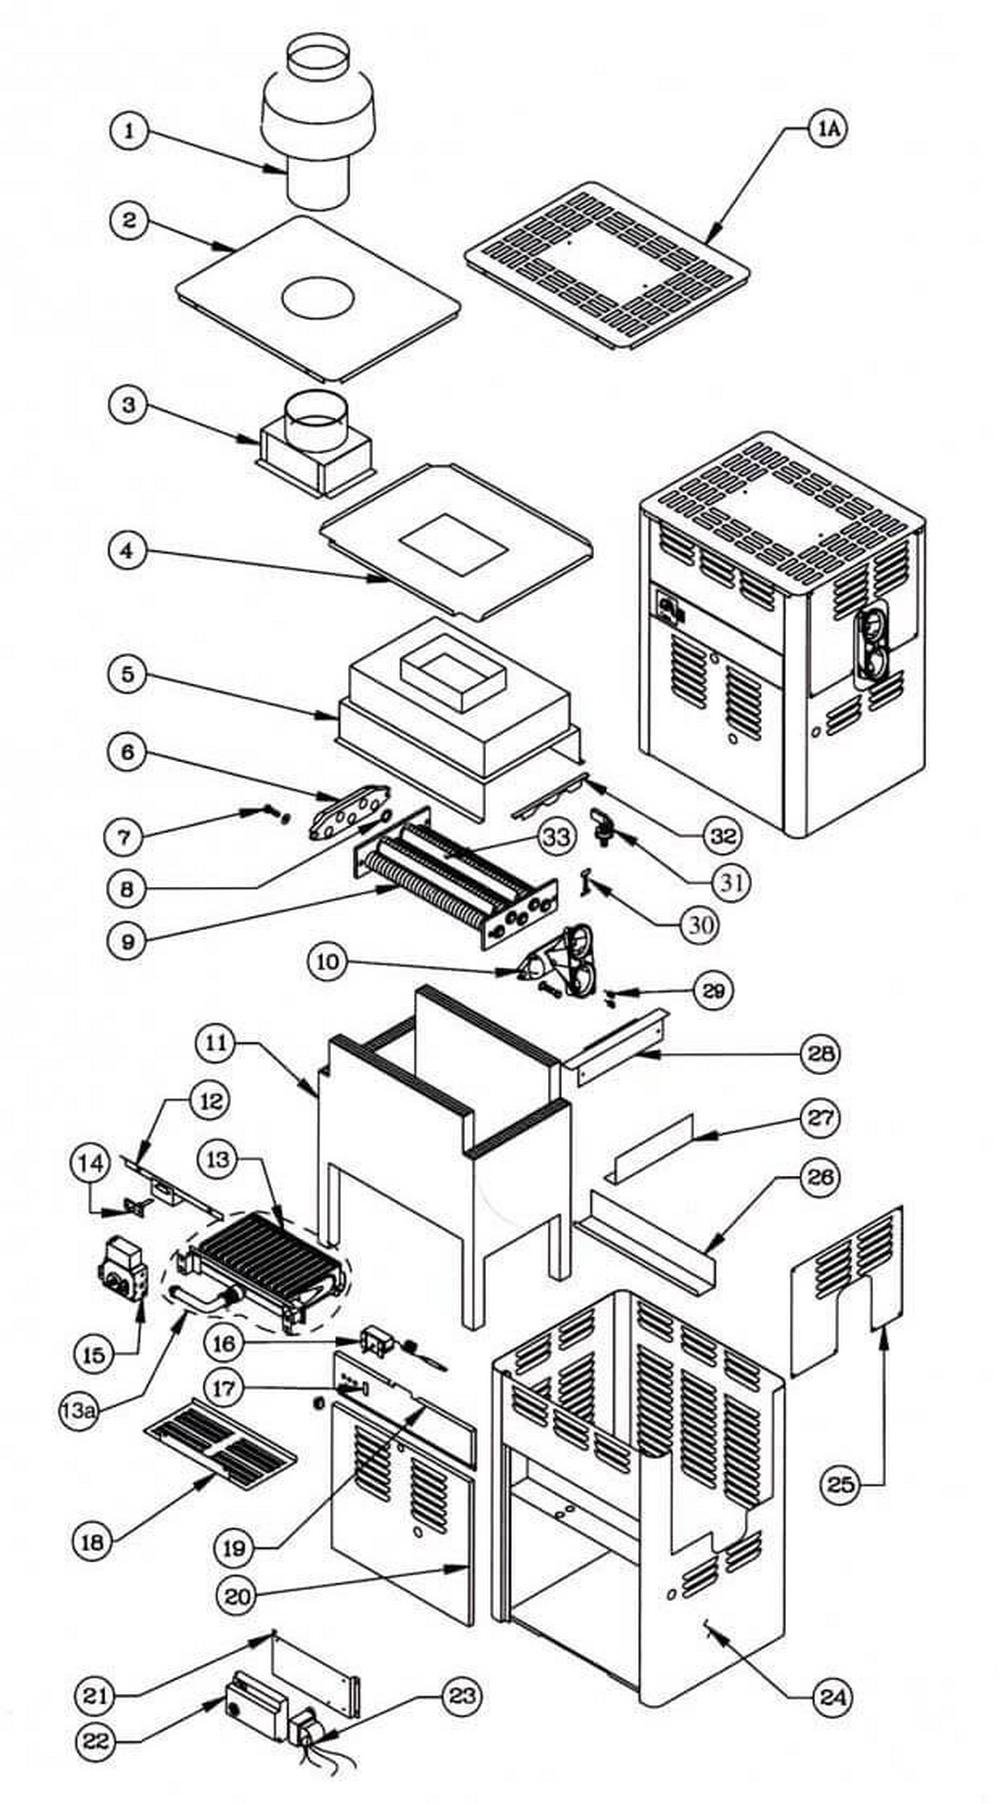 Purex Minimax 100 Heater image